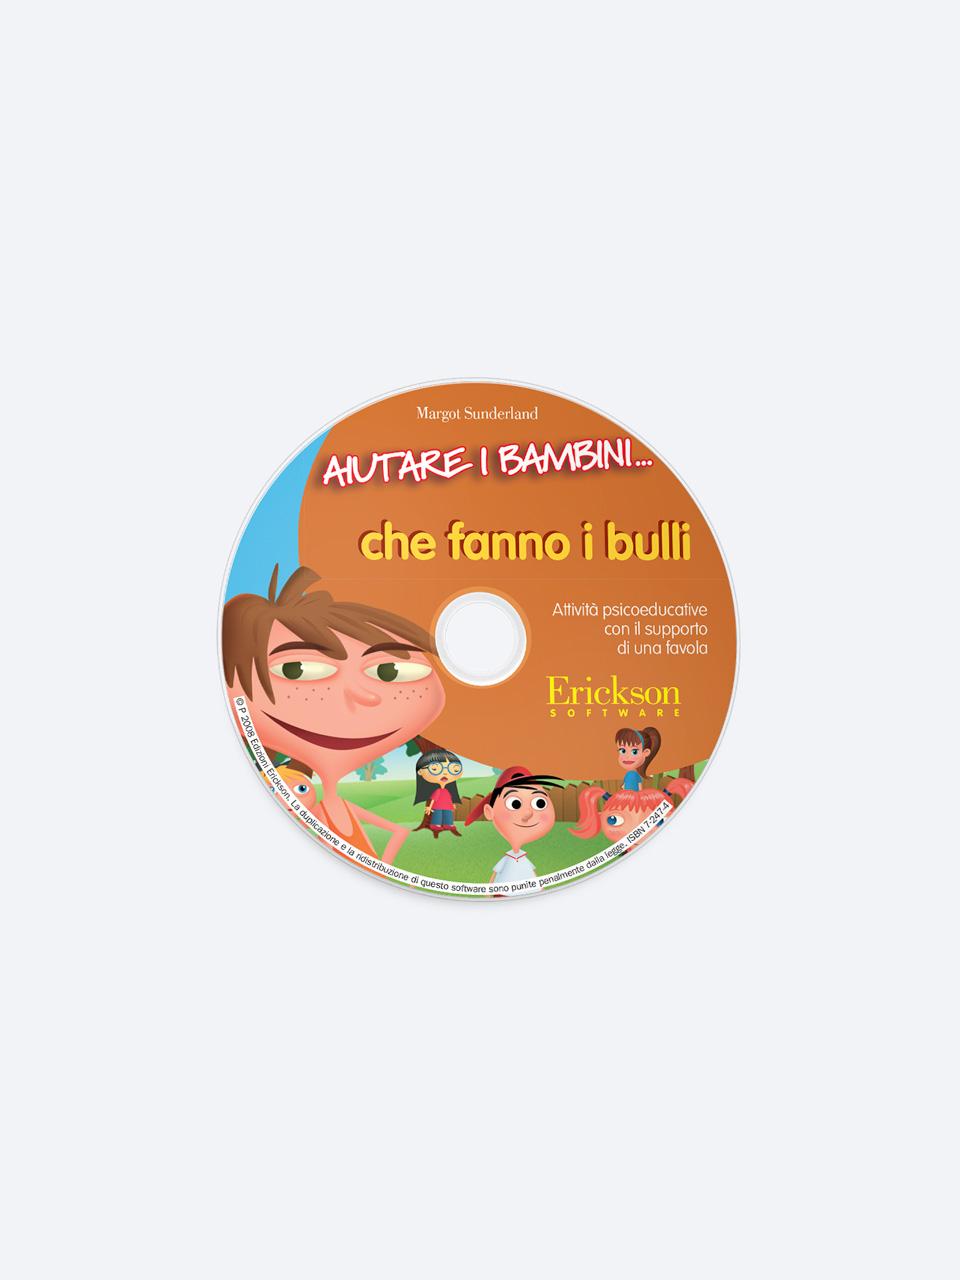 Aiutare i bambini... che fanno i bulli - Omofobia, bullismo e scuola - Libri - Erickson 2